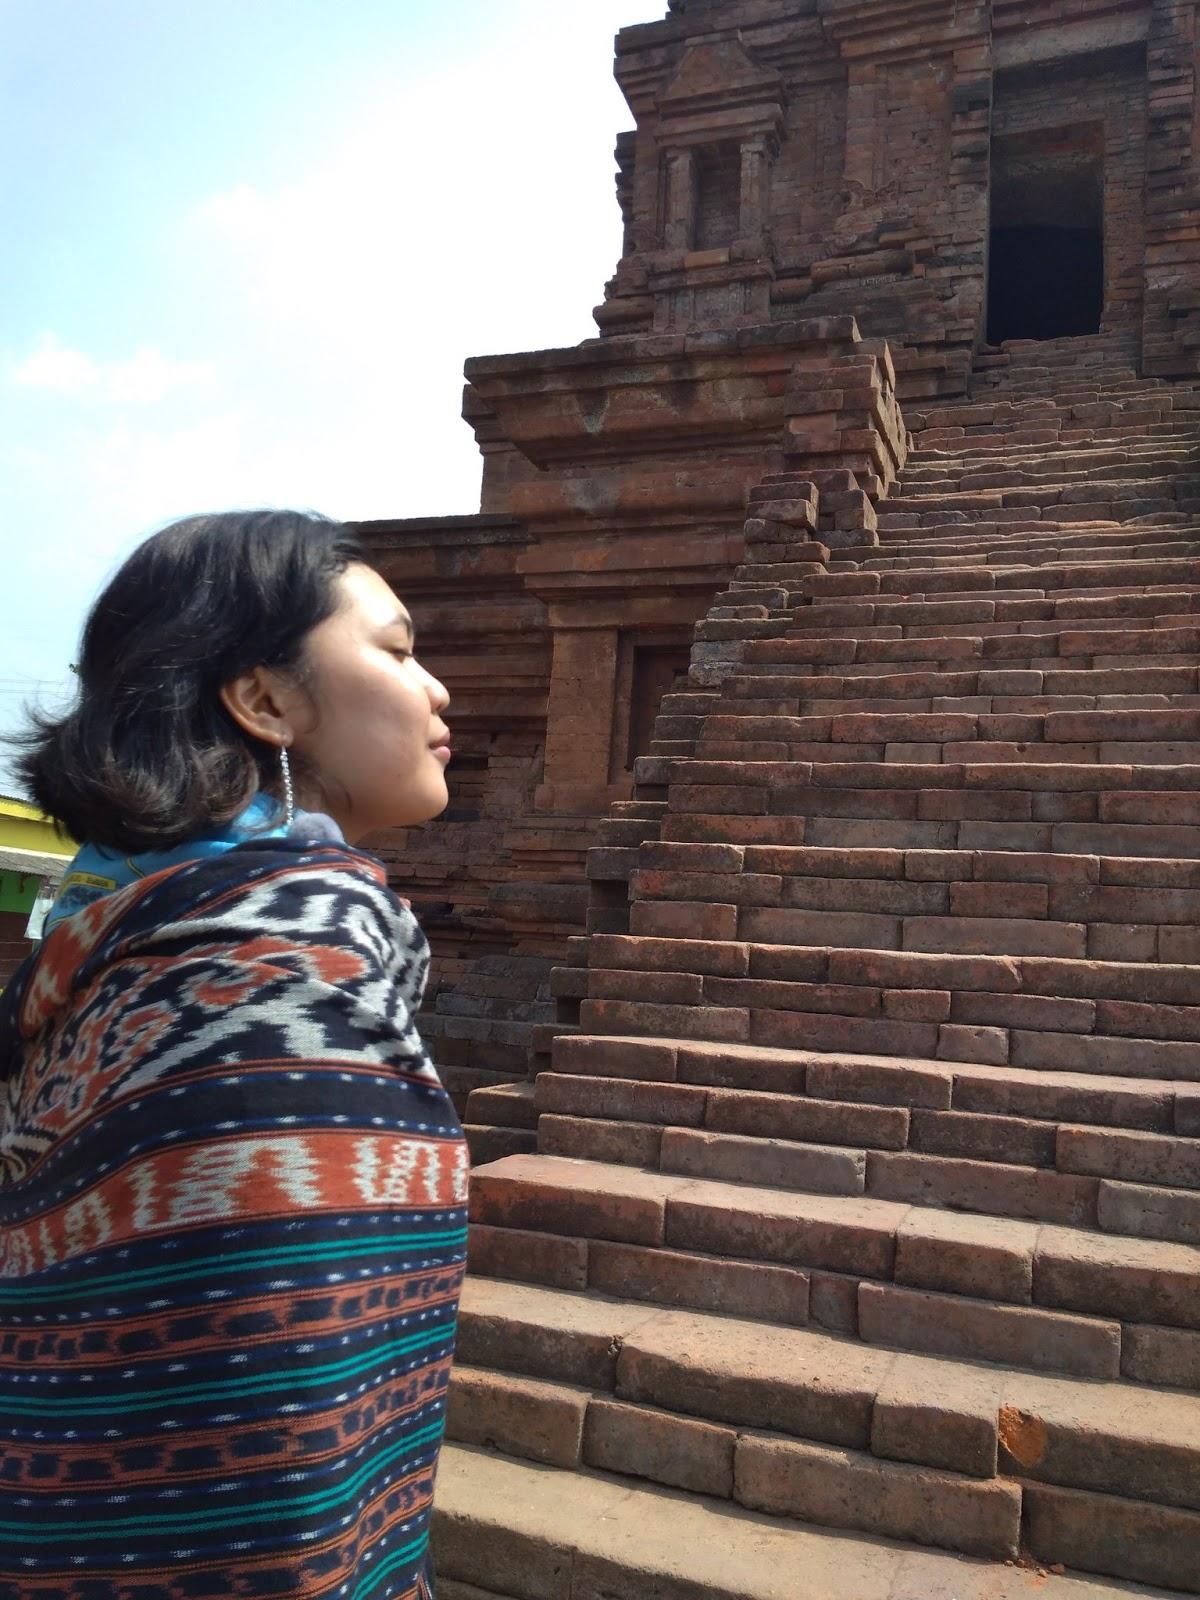 Candi Gunung Gangsir Akibat Kerusakan Bangunan Tampak Bentuk Piramida Terpotong